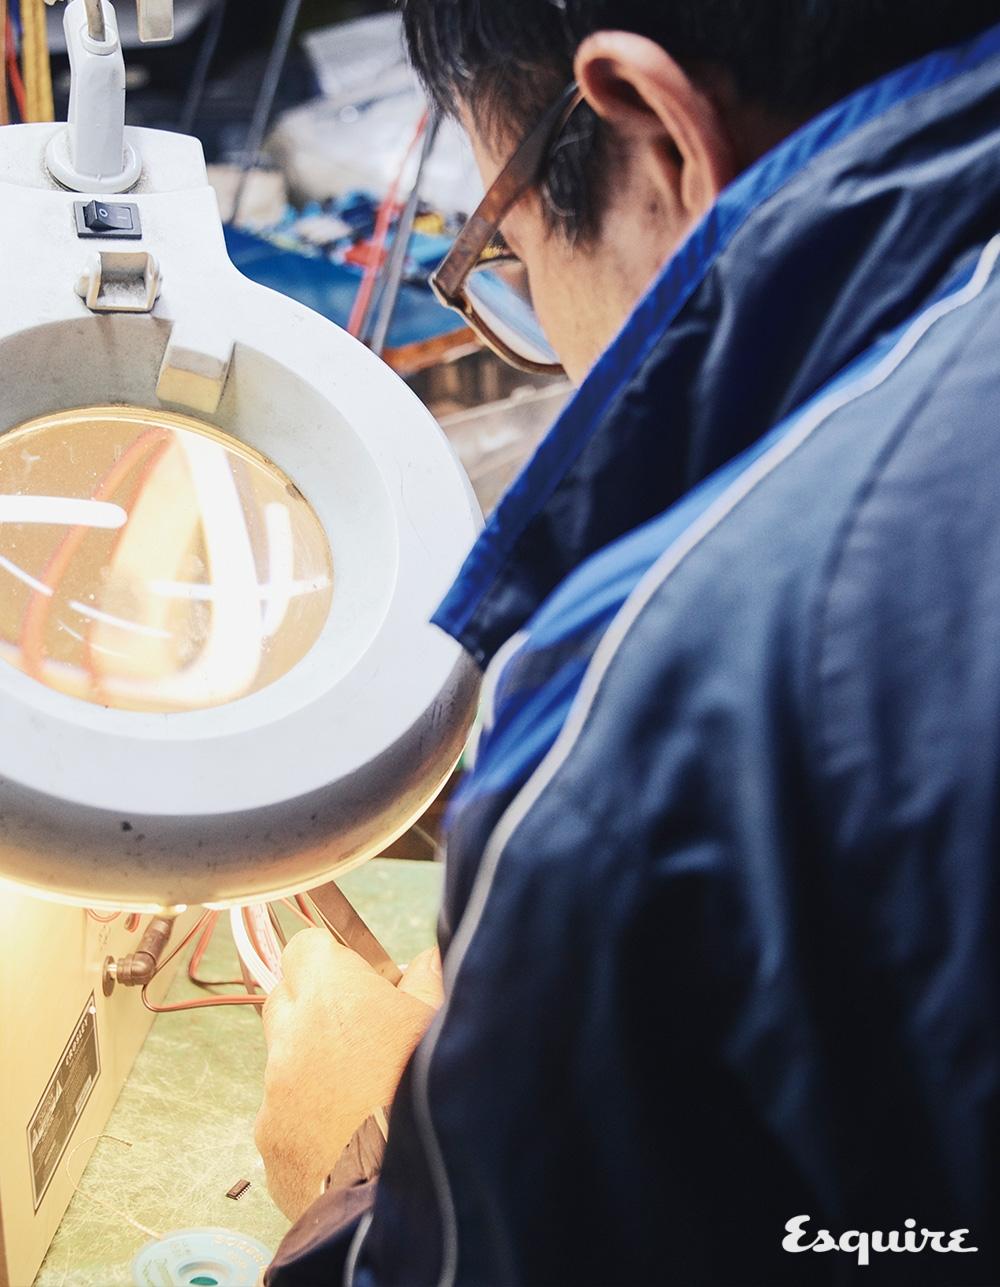 부피가 큰 산업 제품을 수리하는 동광통신사의 노공래 장인.